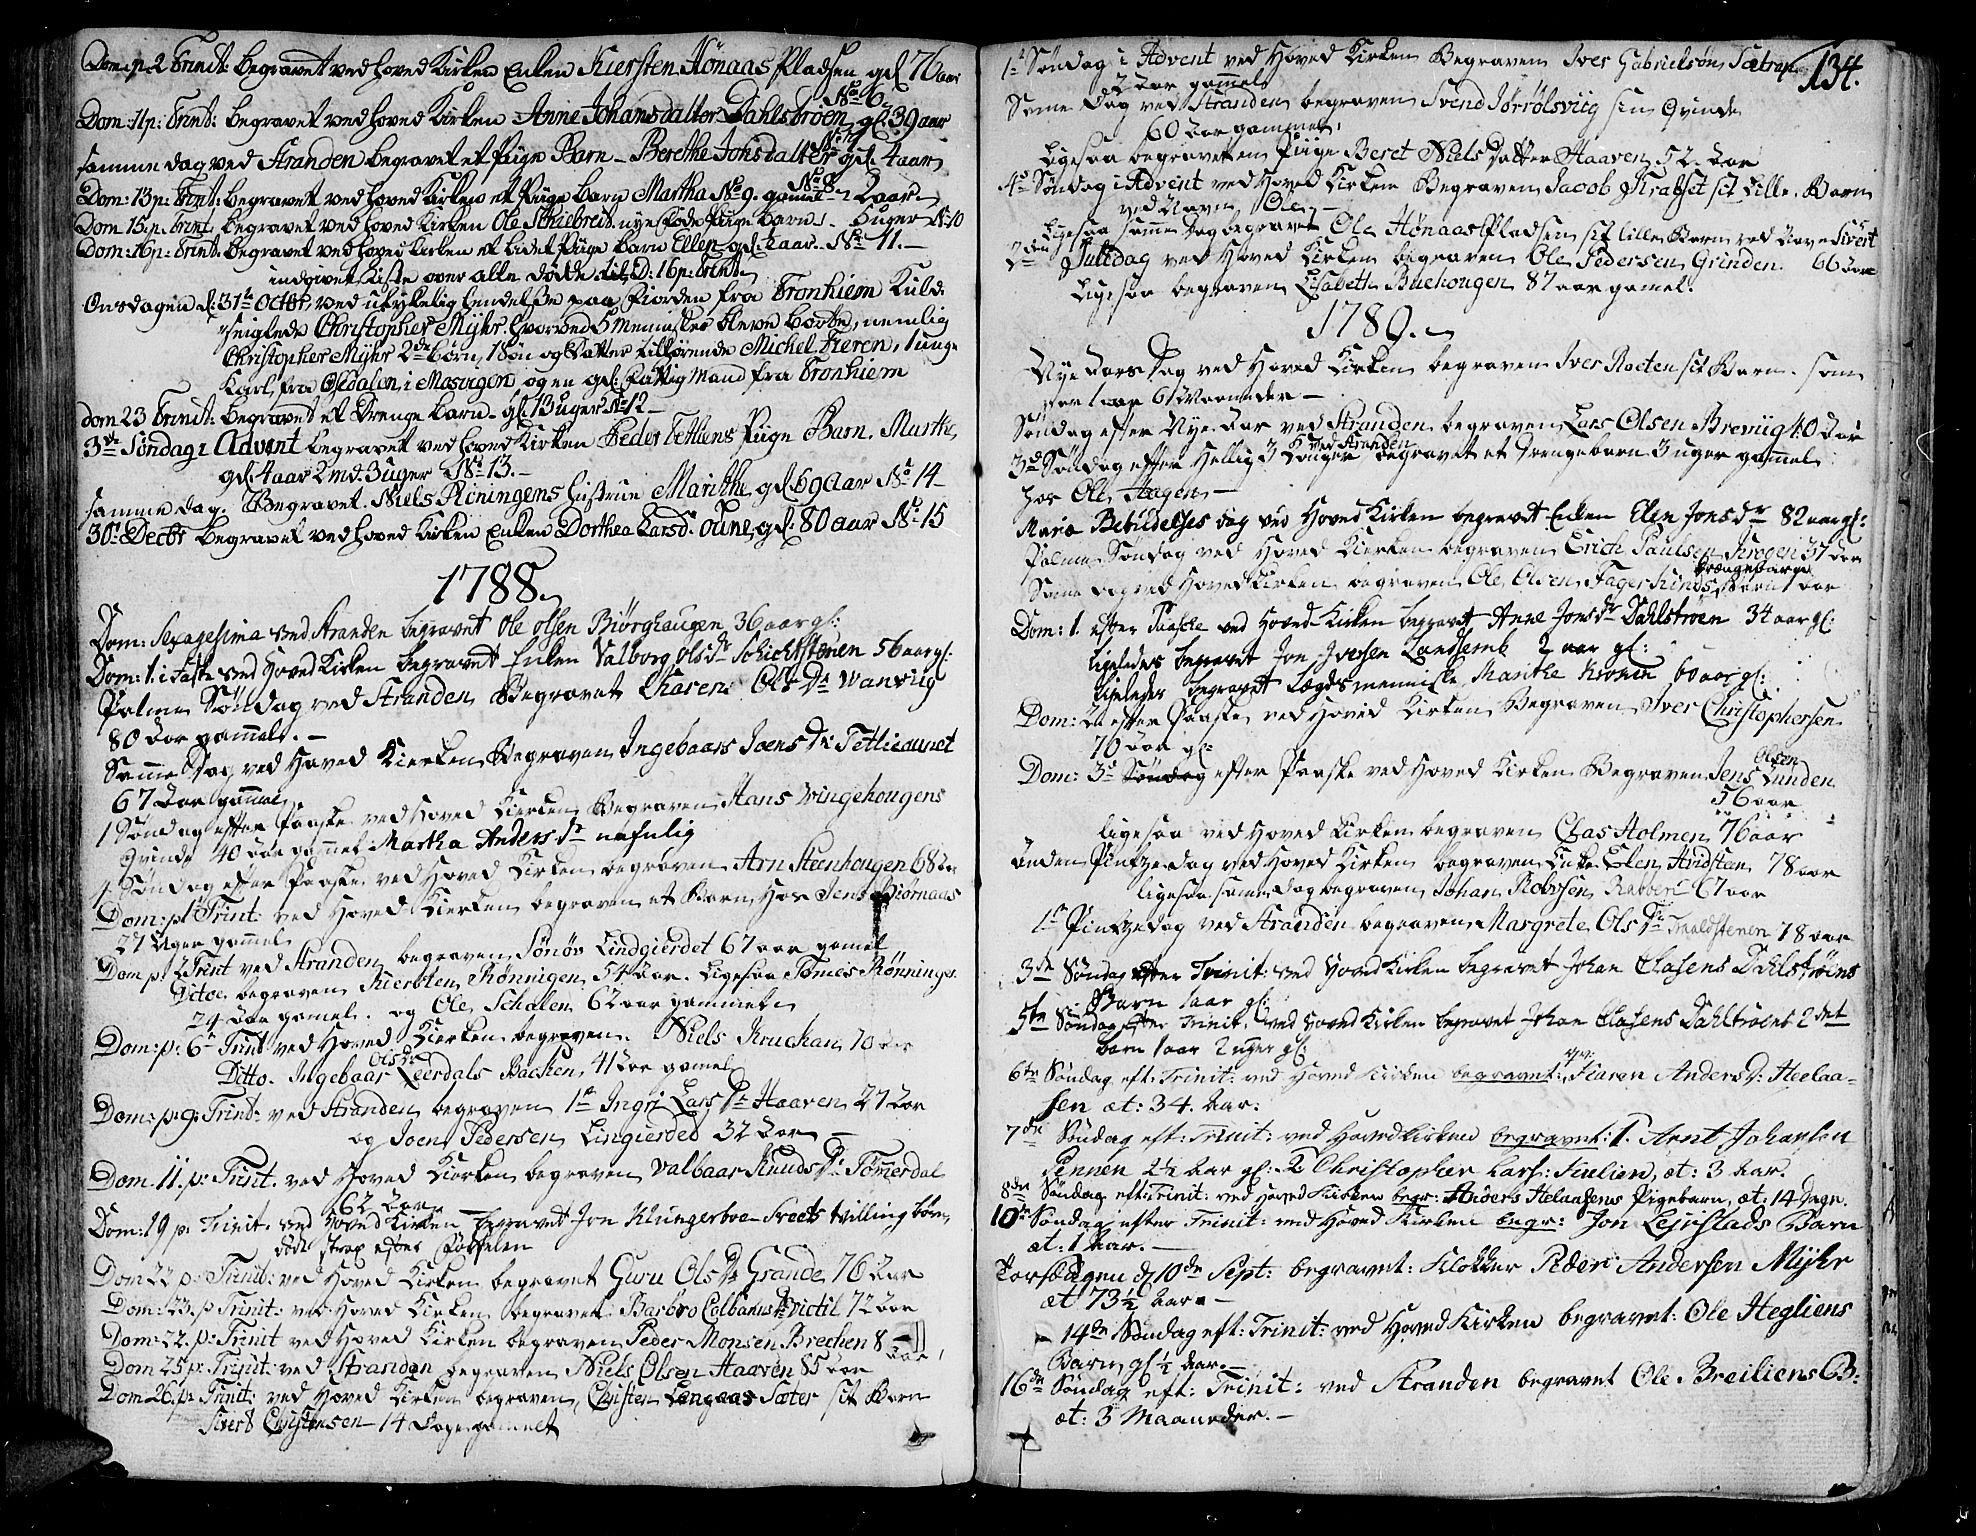 SAT, Ministerialprotokoller, klokkerbøker og fødselsregistre - Nord-Trøndelag, 701/L0004: Ministerialbok nr. 701A04, 1783-1816, s. 134